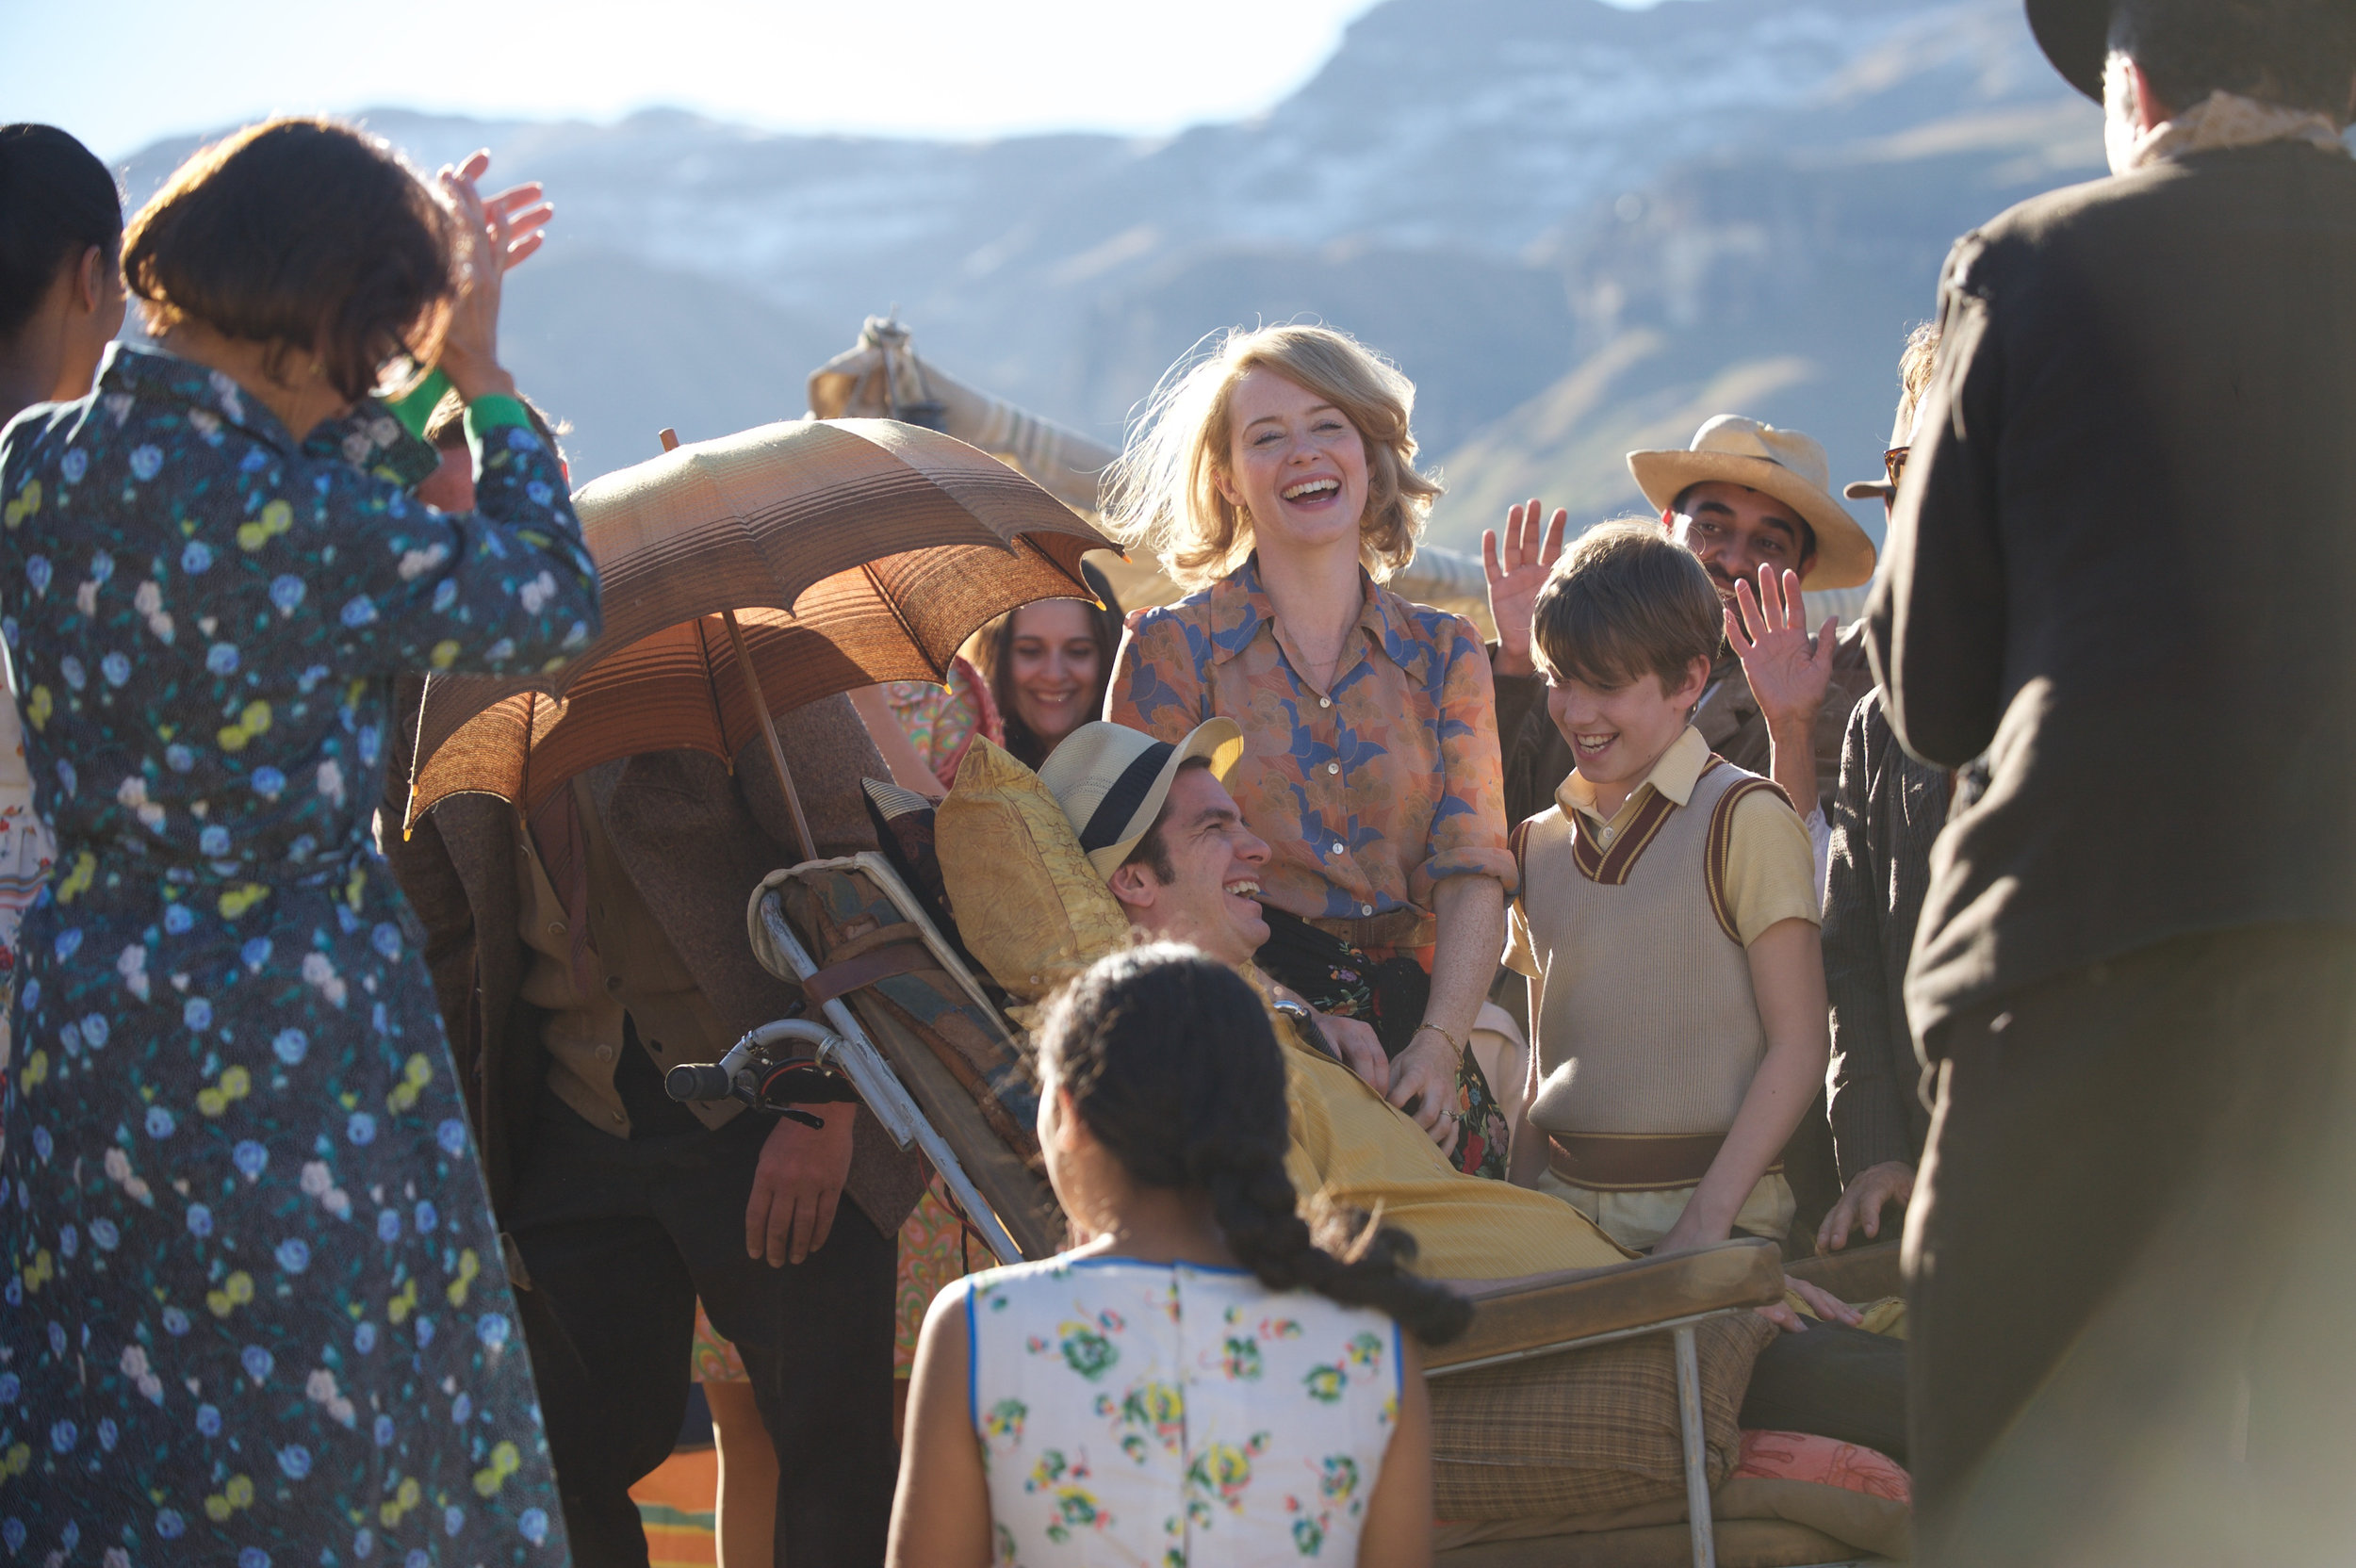 Episode fra familiens ferietur i Spania bidrar til filmens i overkant idylliske og solskinnsaktige tone.